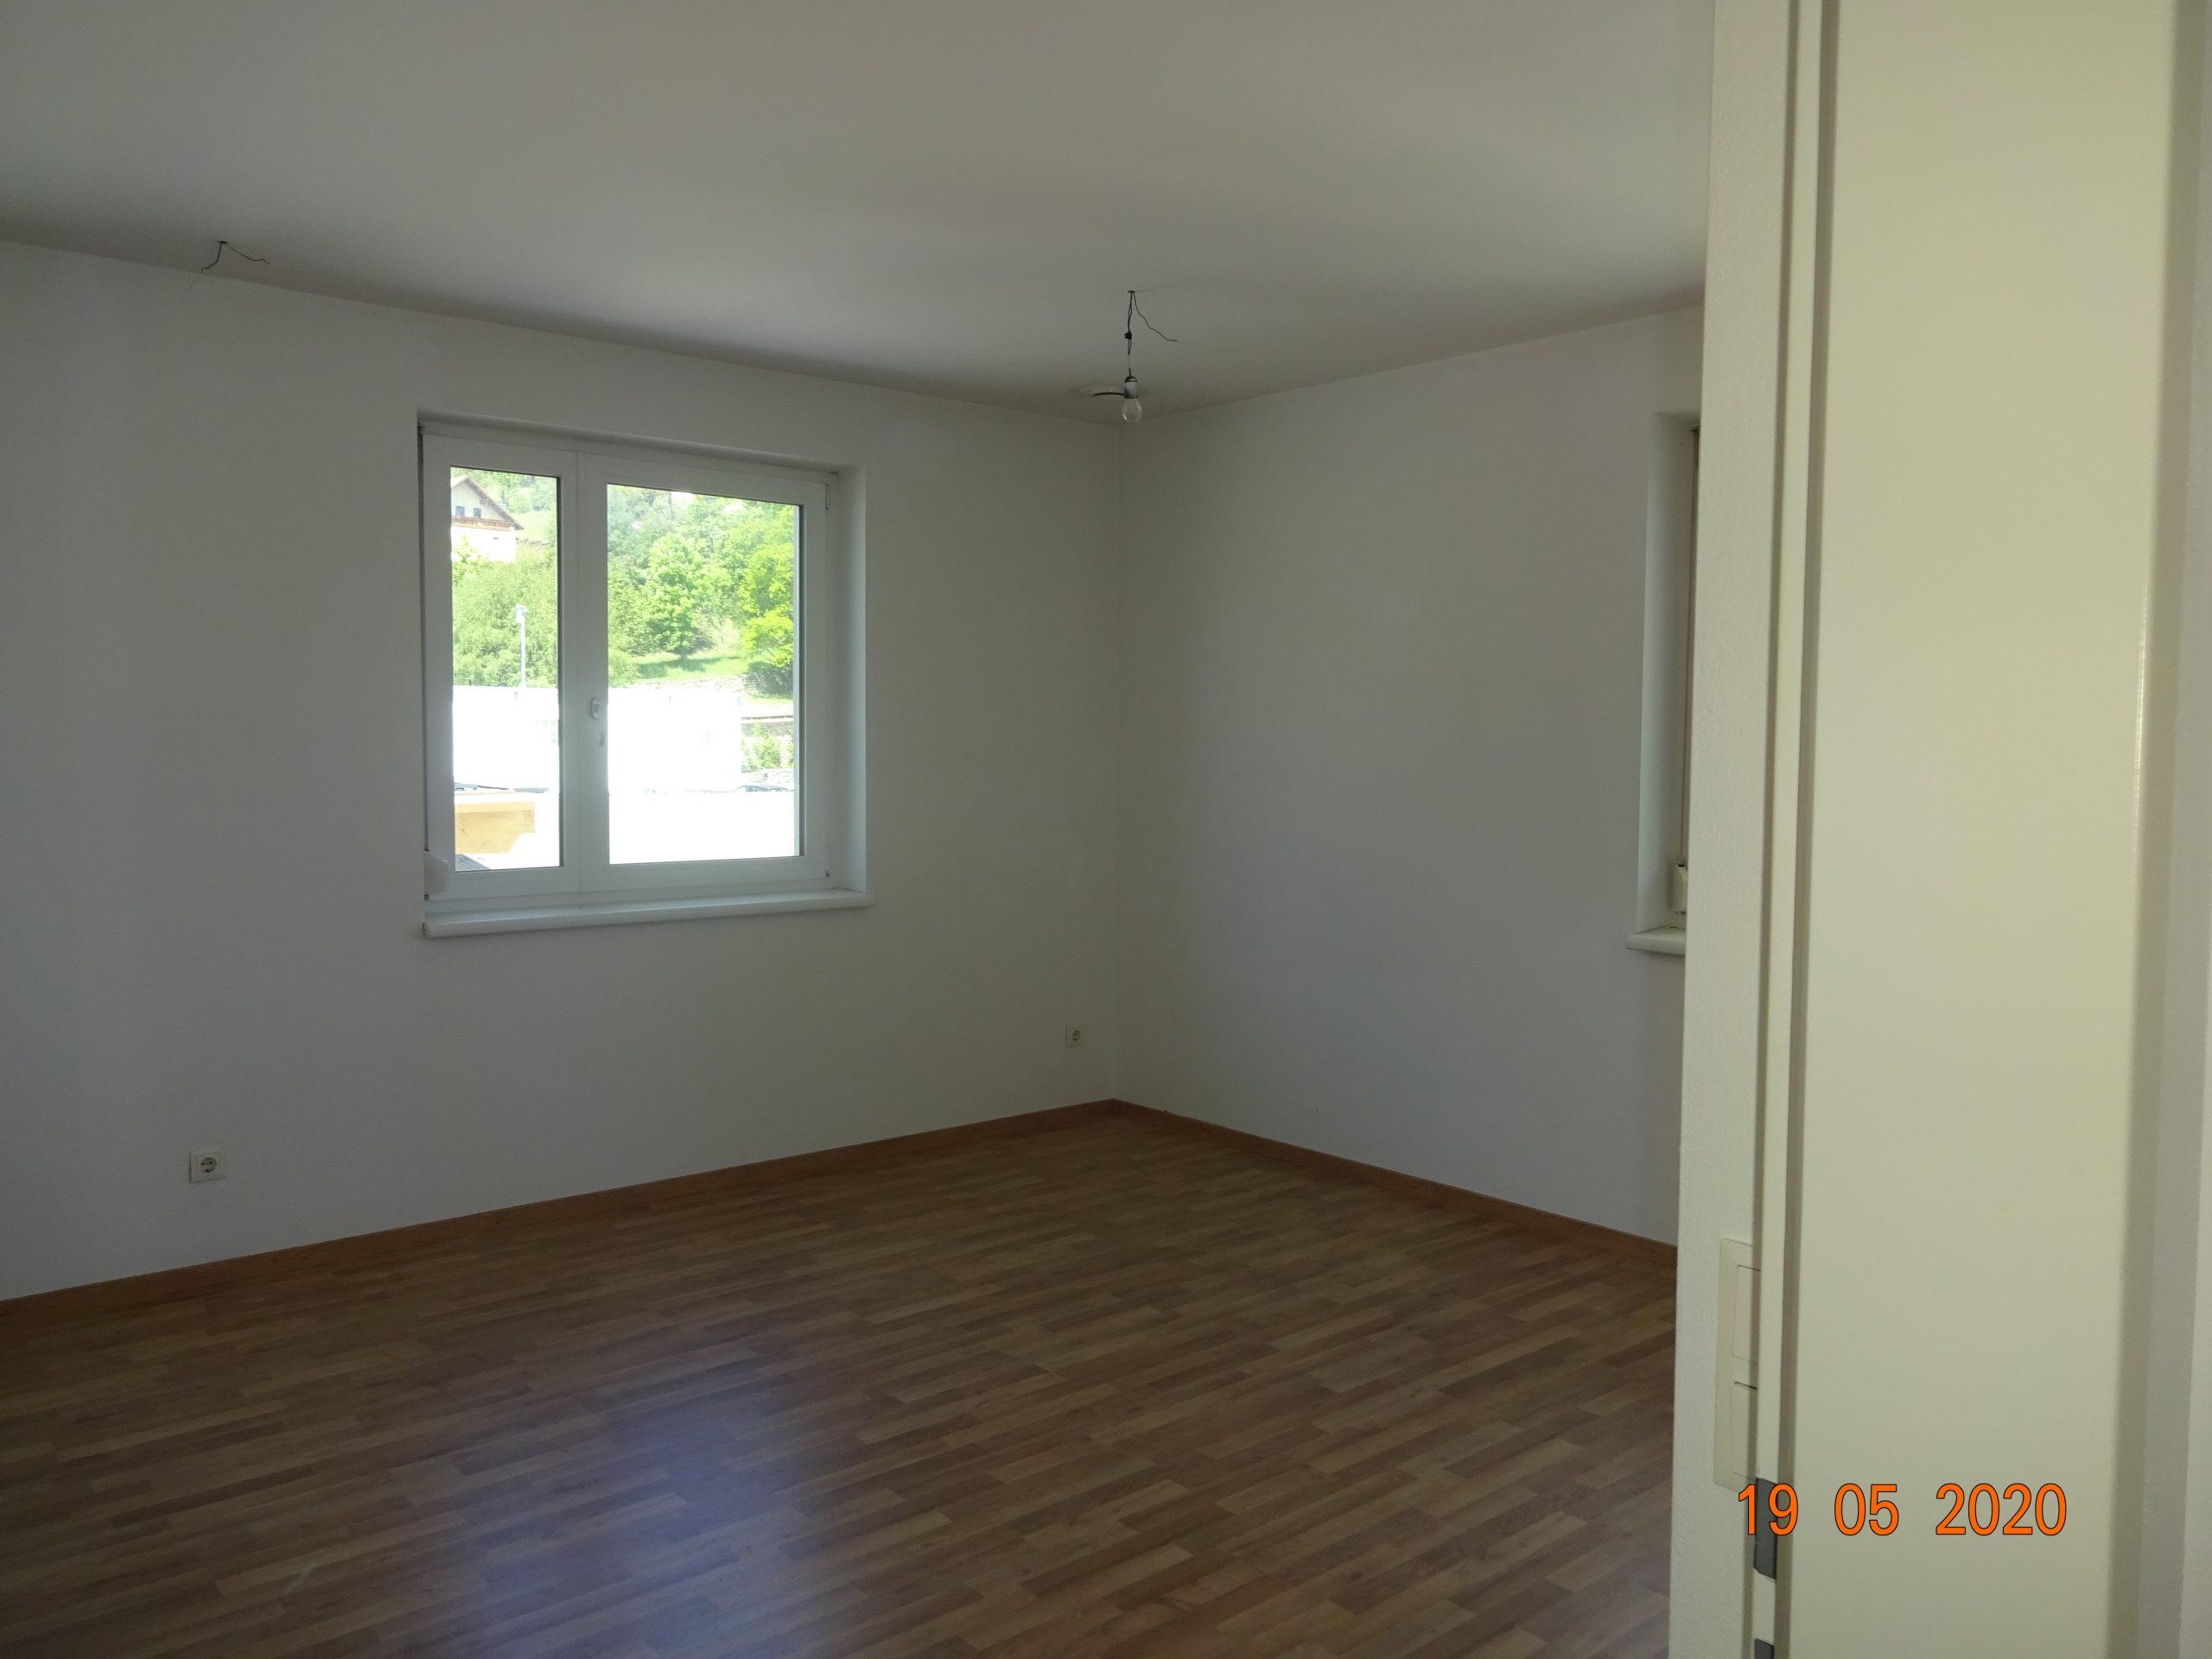 Immobilie von Kamptal in 3925 Arbesbach, Zwettl, Arbesbach II - Top 6 #5